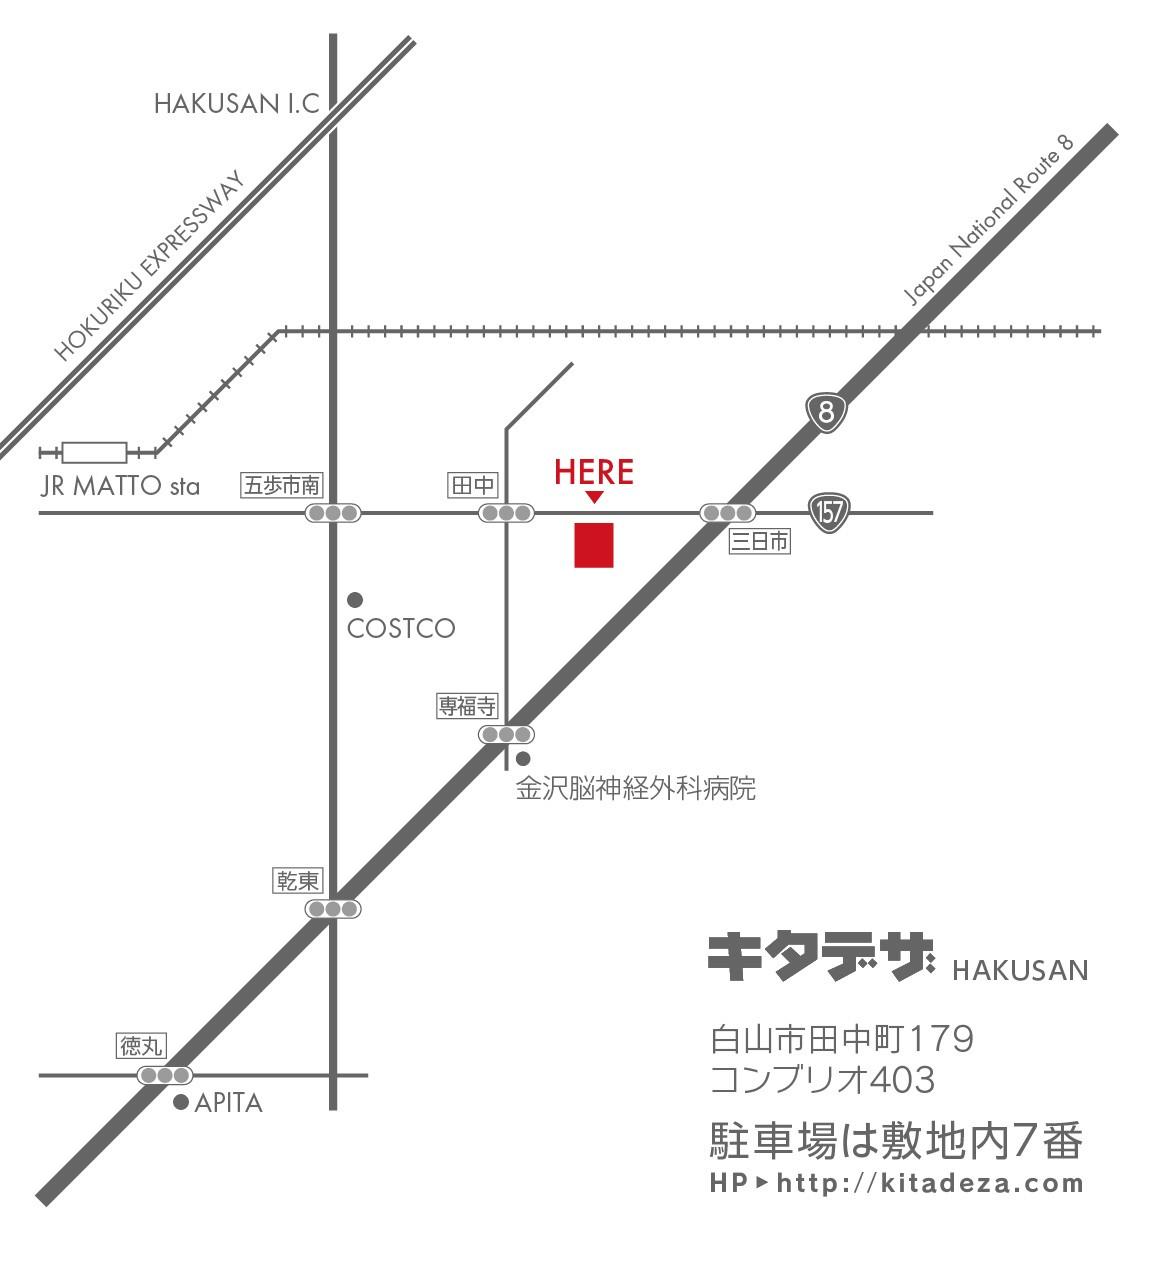 アクセスマップ・キタデザ白山